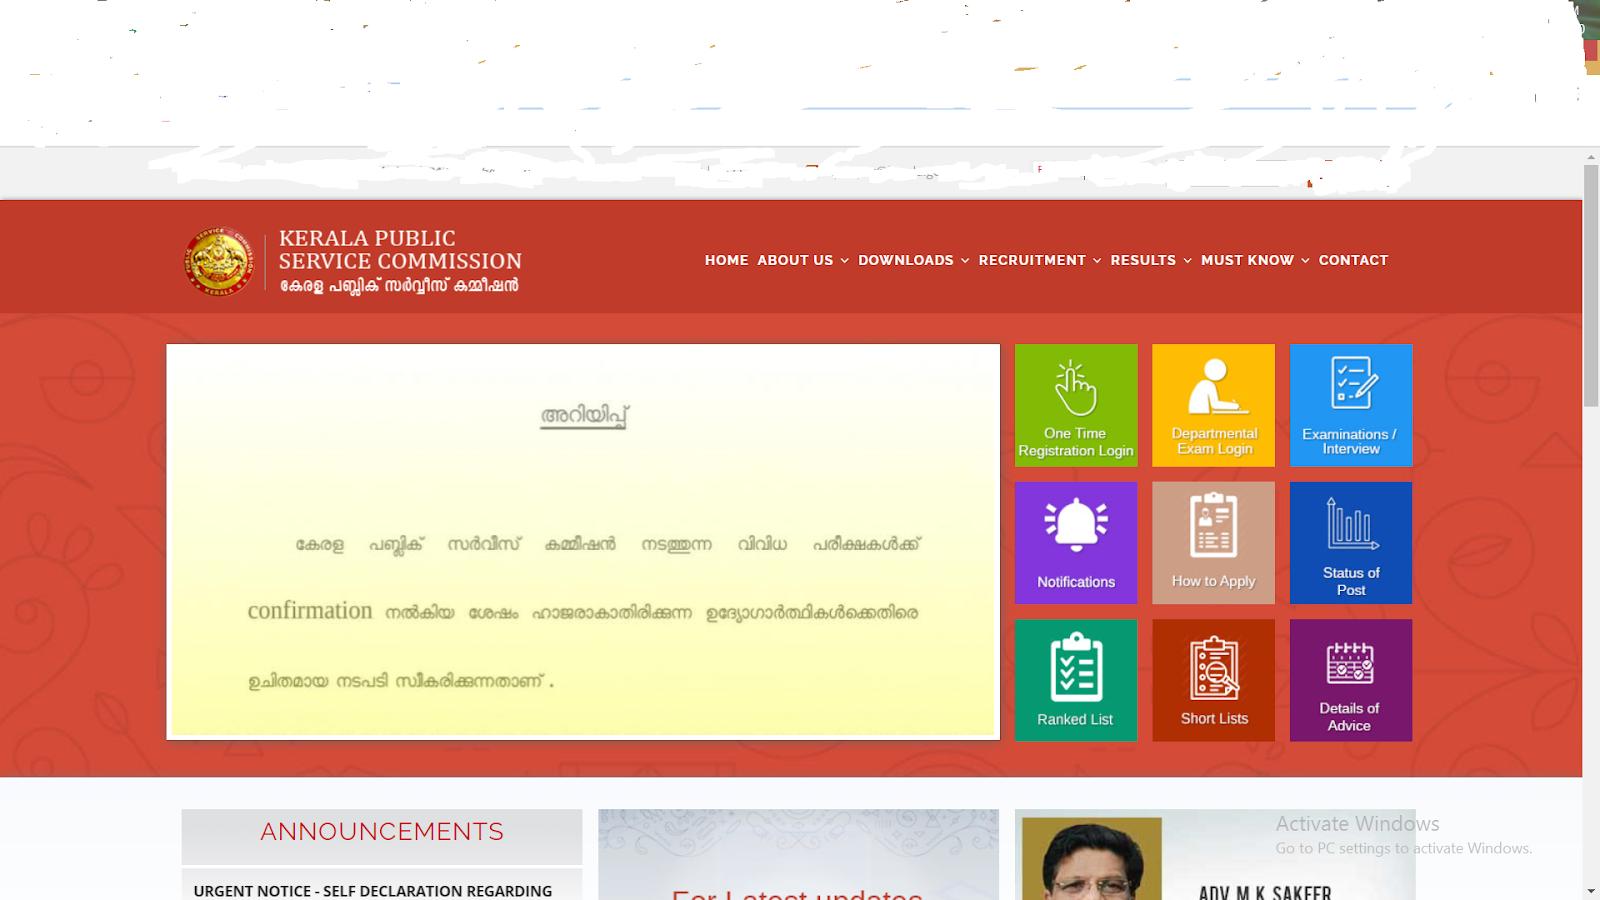 KPSC Official website